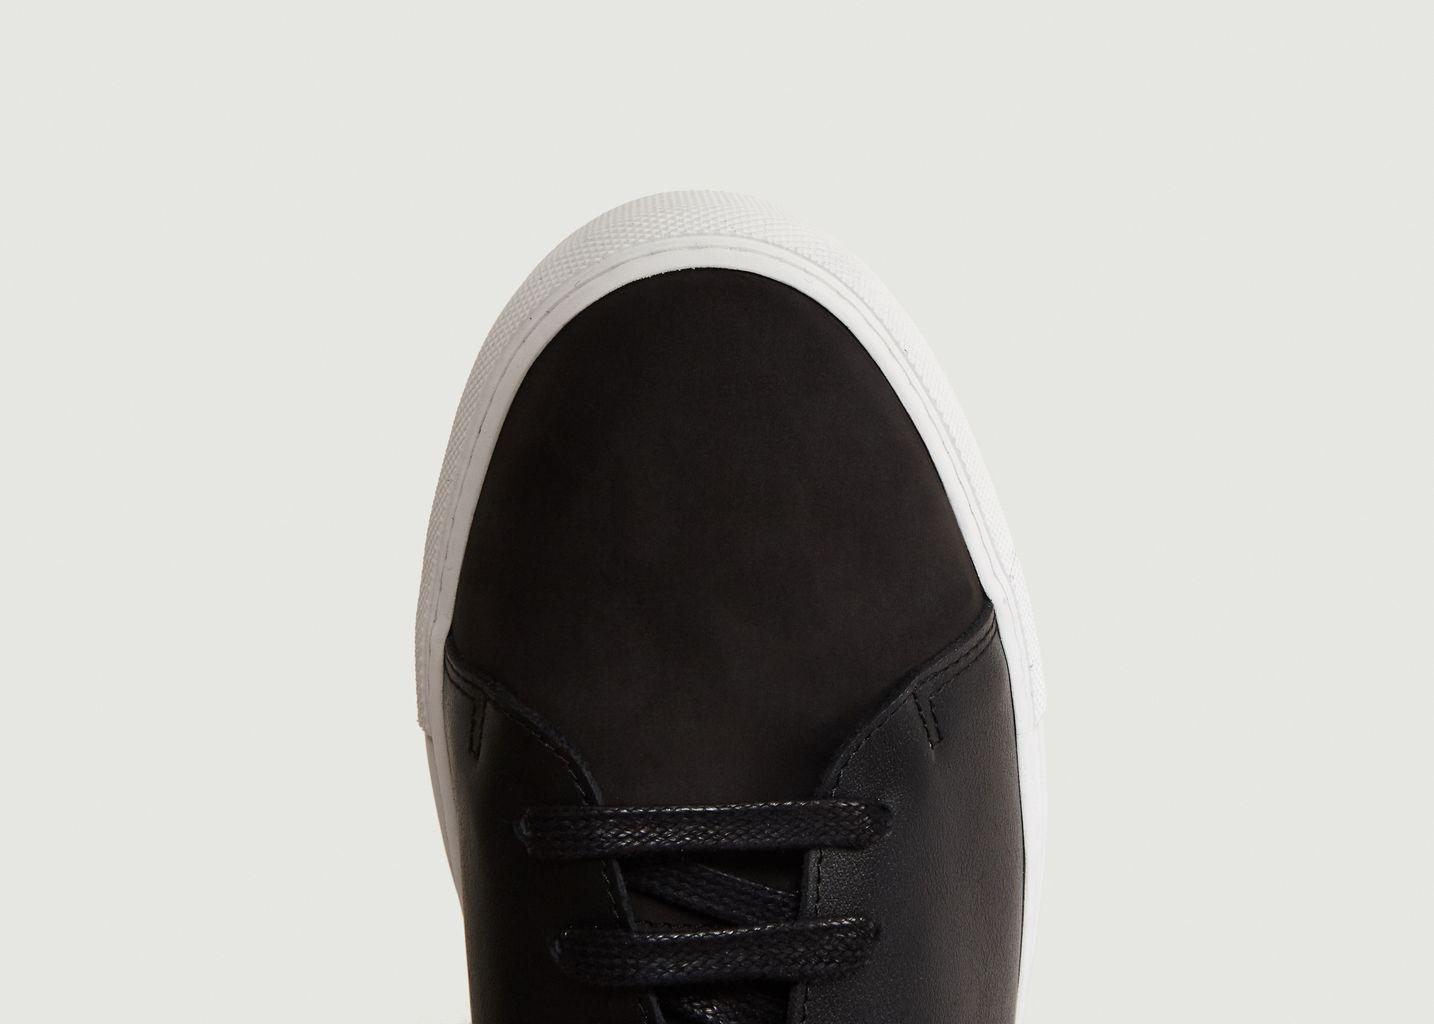 Sneakers Edition 3 en Cuir Nubuck - National Standard